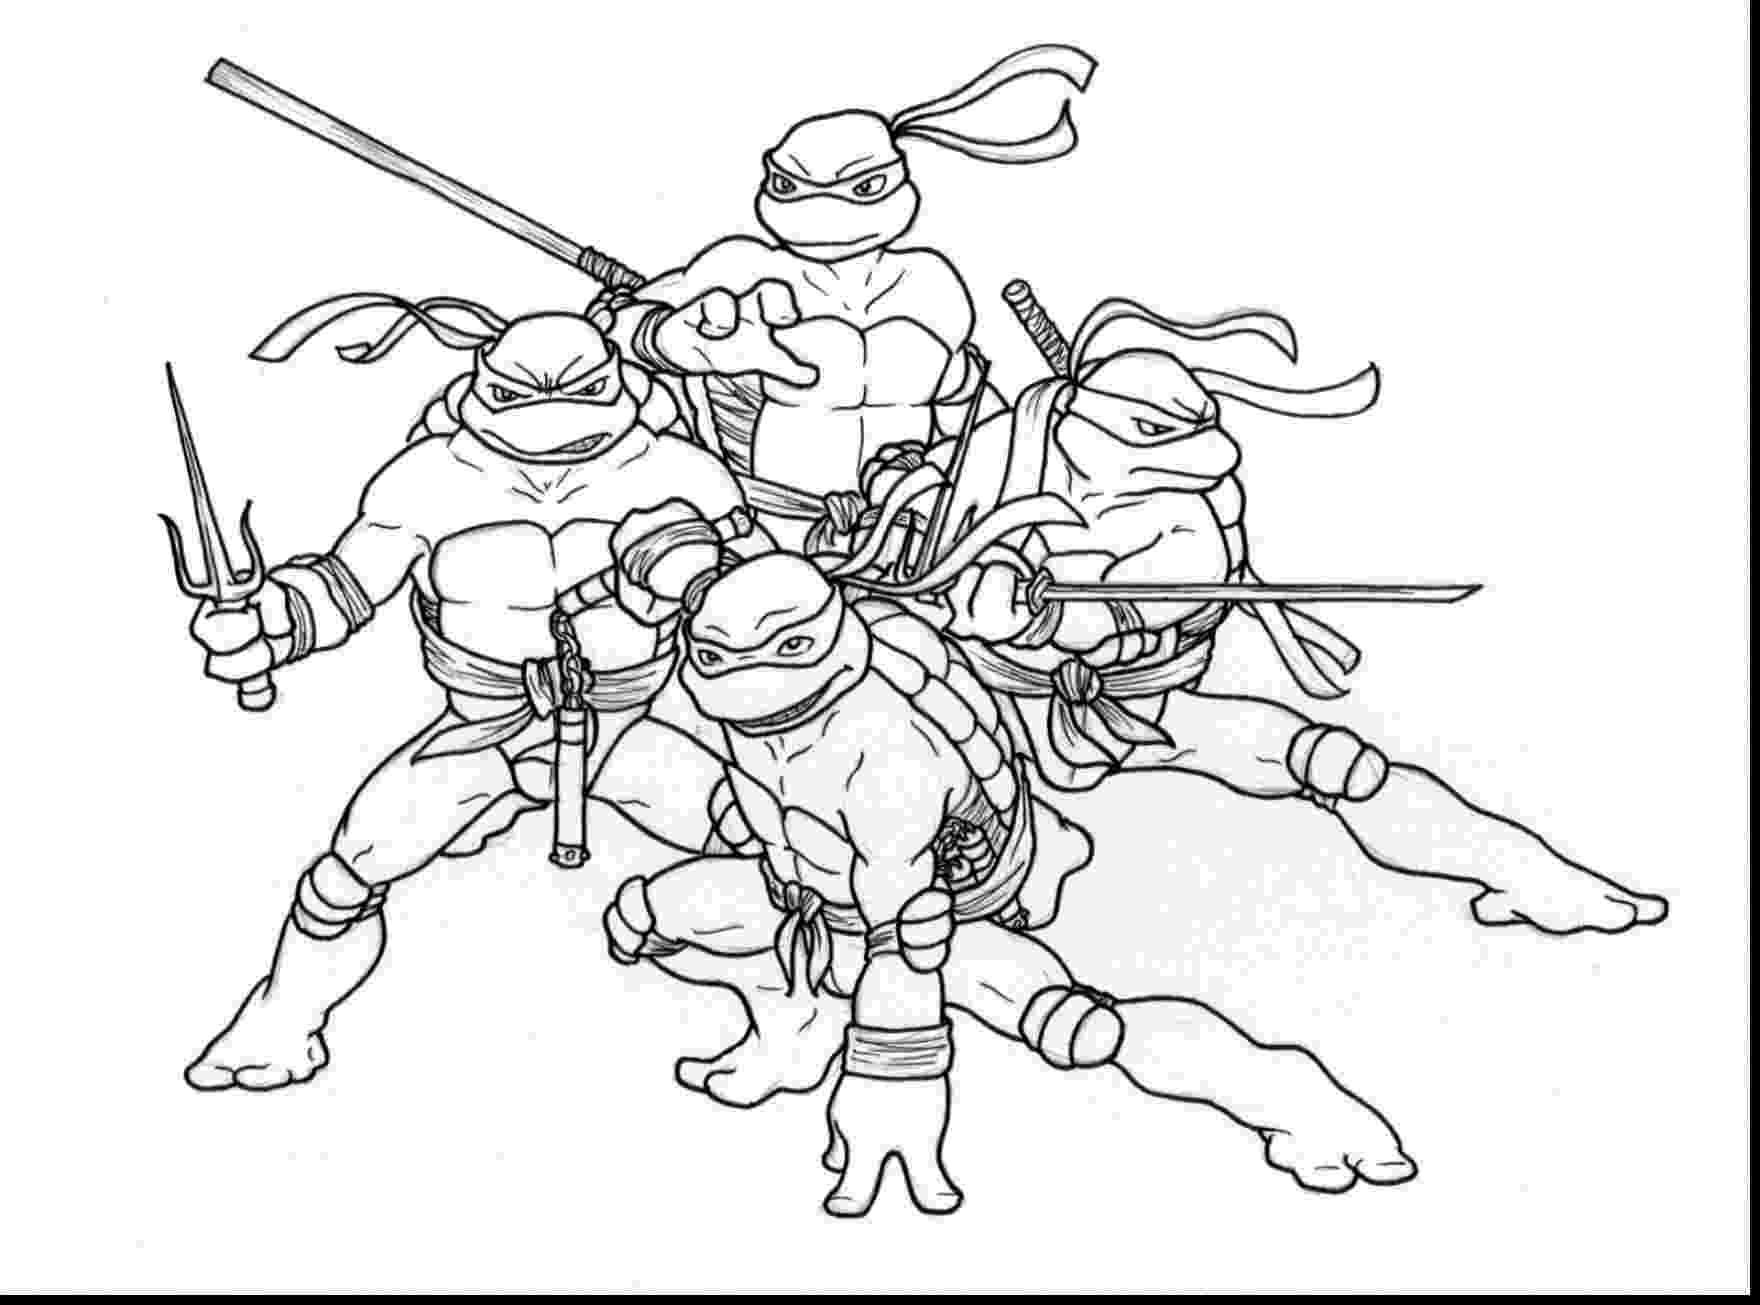 free printable coloring pages ninja turtles ninja turtle drawing pictures at getdrawings free download pages ninja coloring printable free turtles